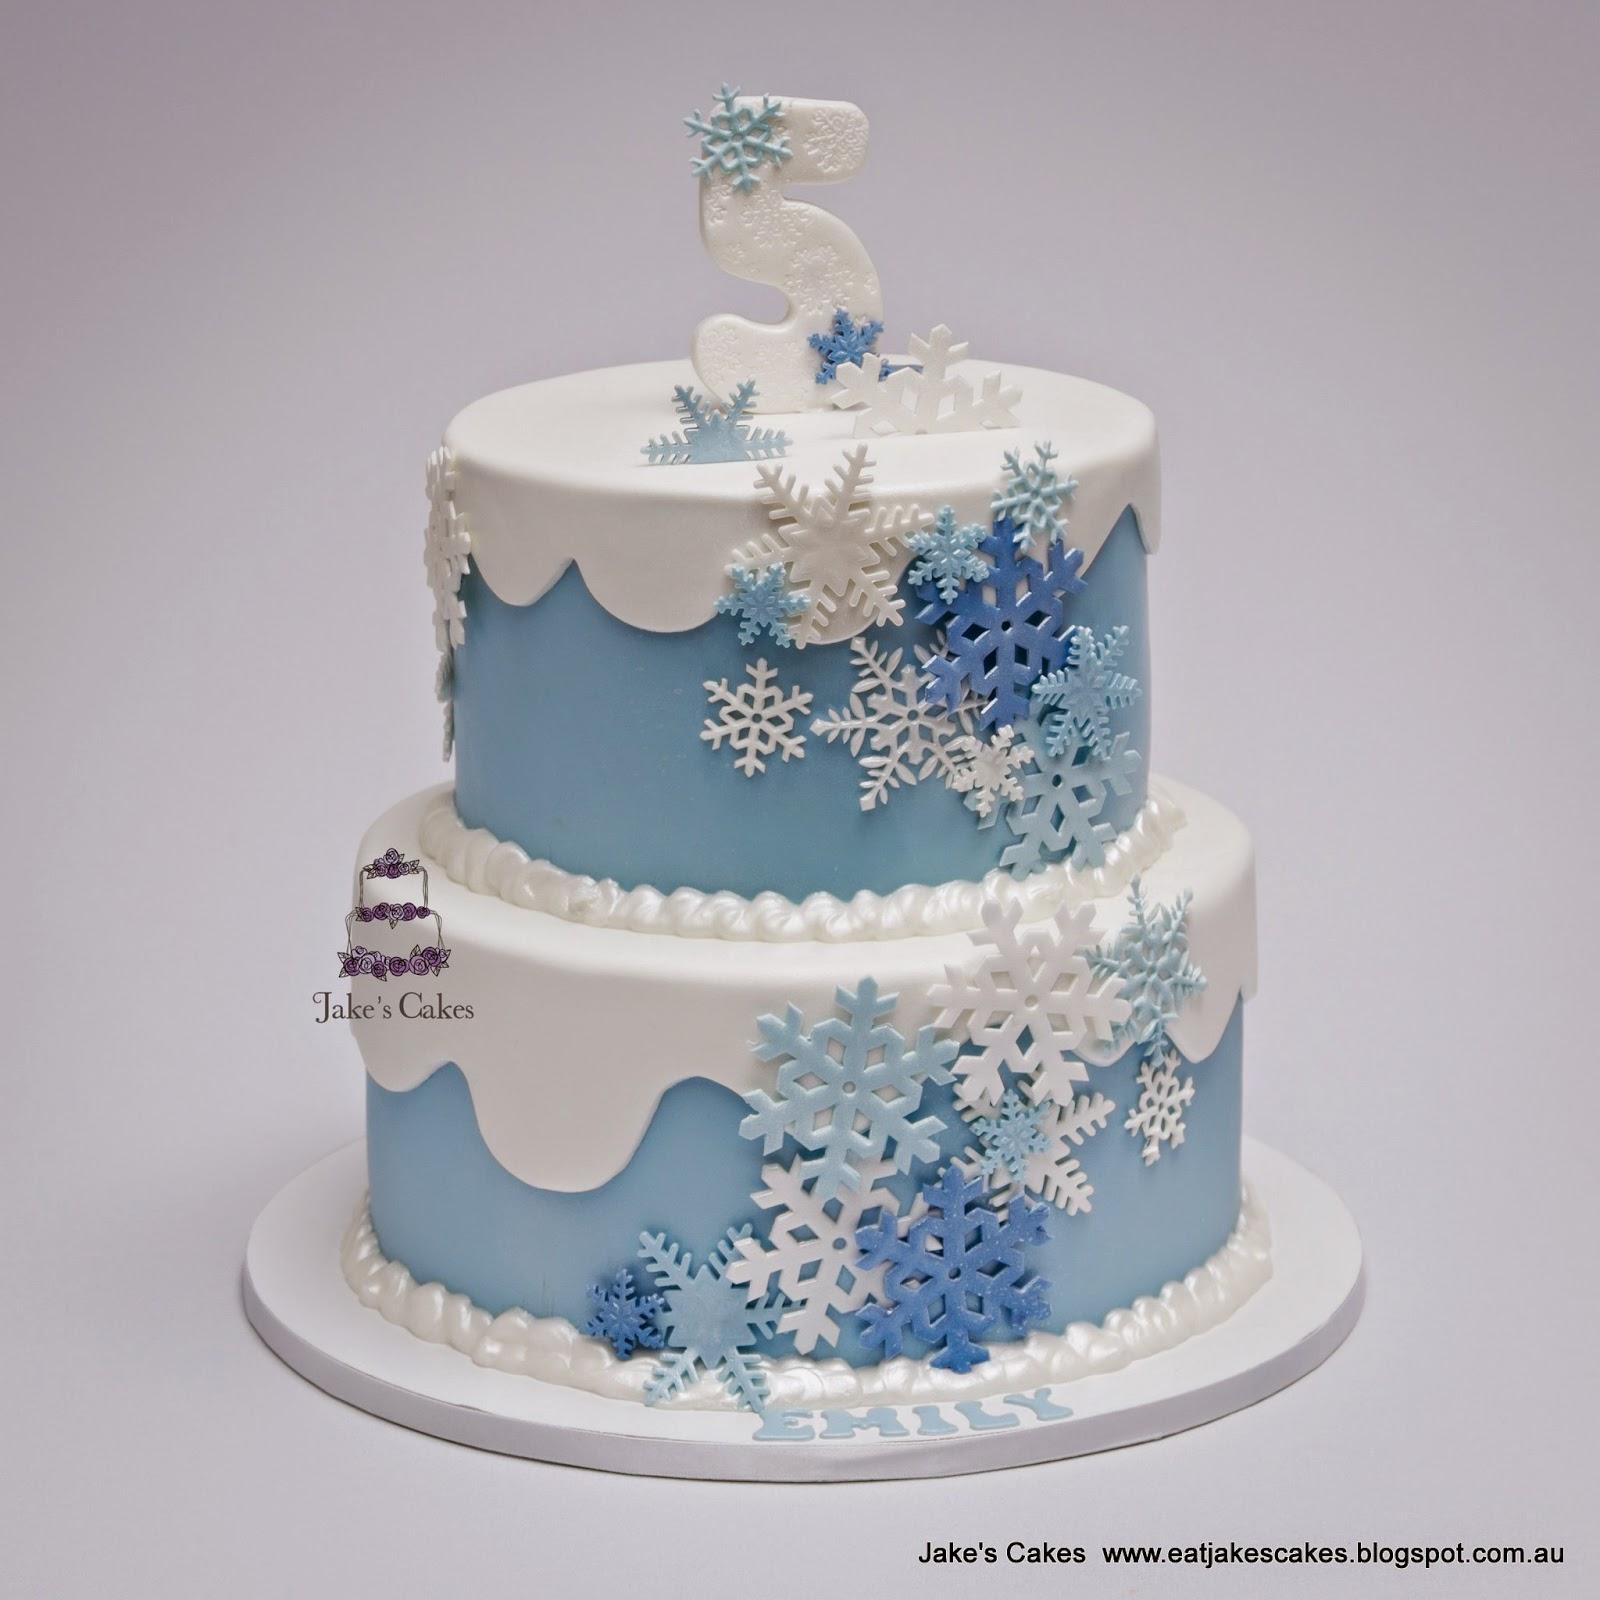 Jakes Cakes Frozen Snowflake Cake